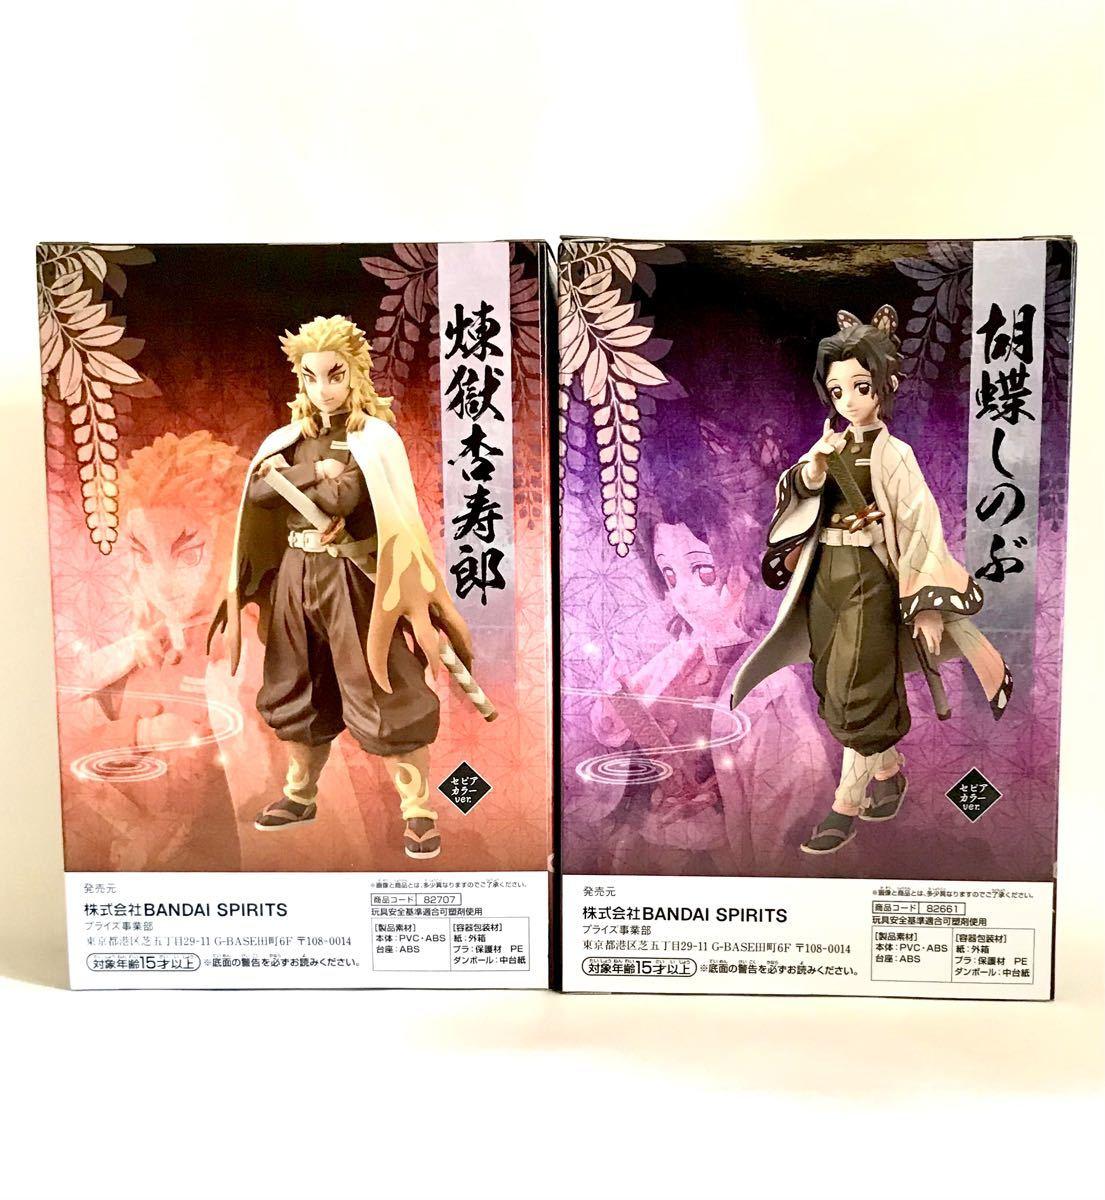 鬼滅の刃 絆ノ装 フィギュア2体セット セピアカラー 煉獄杏寿郎・胡蝶しのぶ